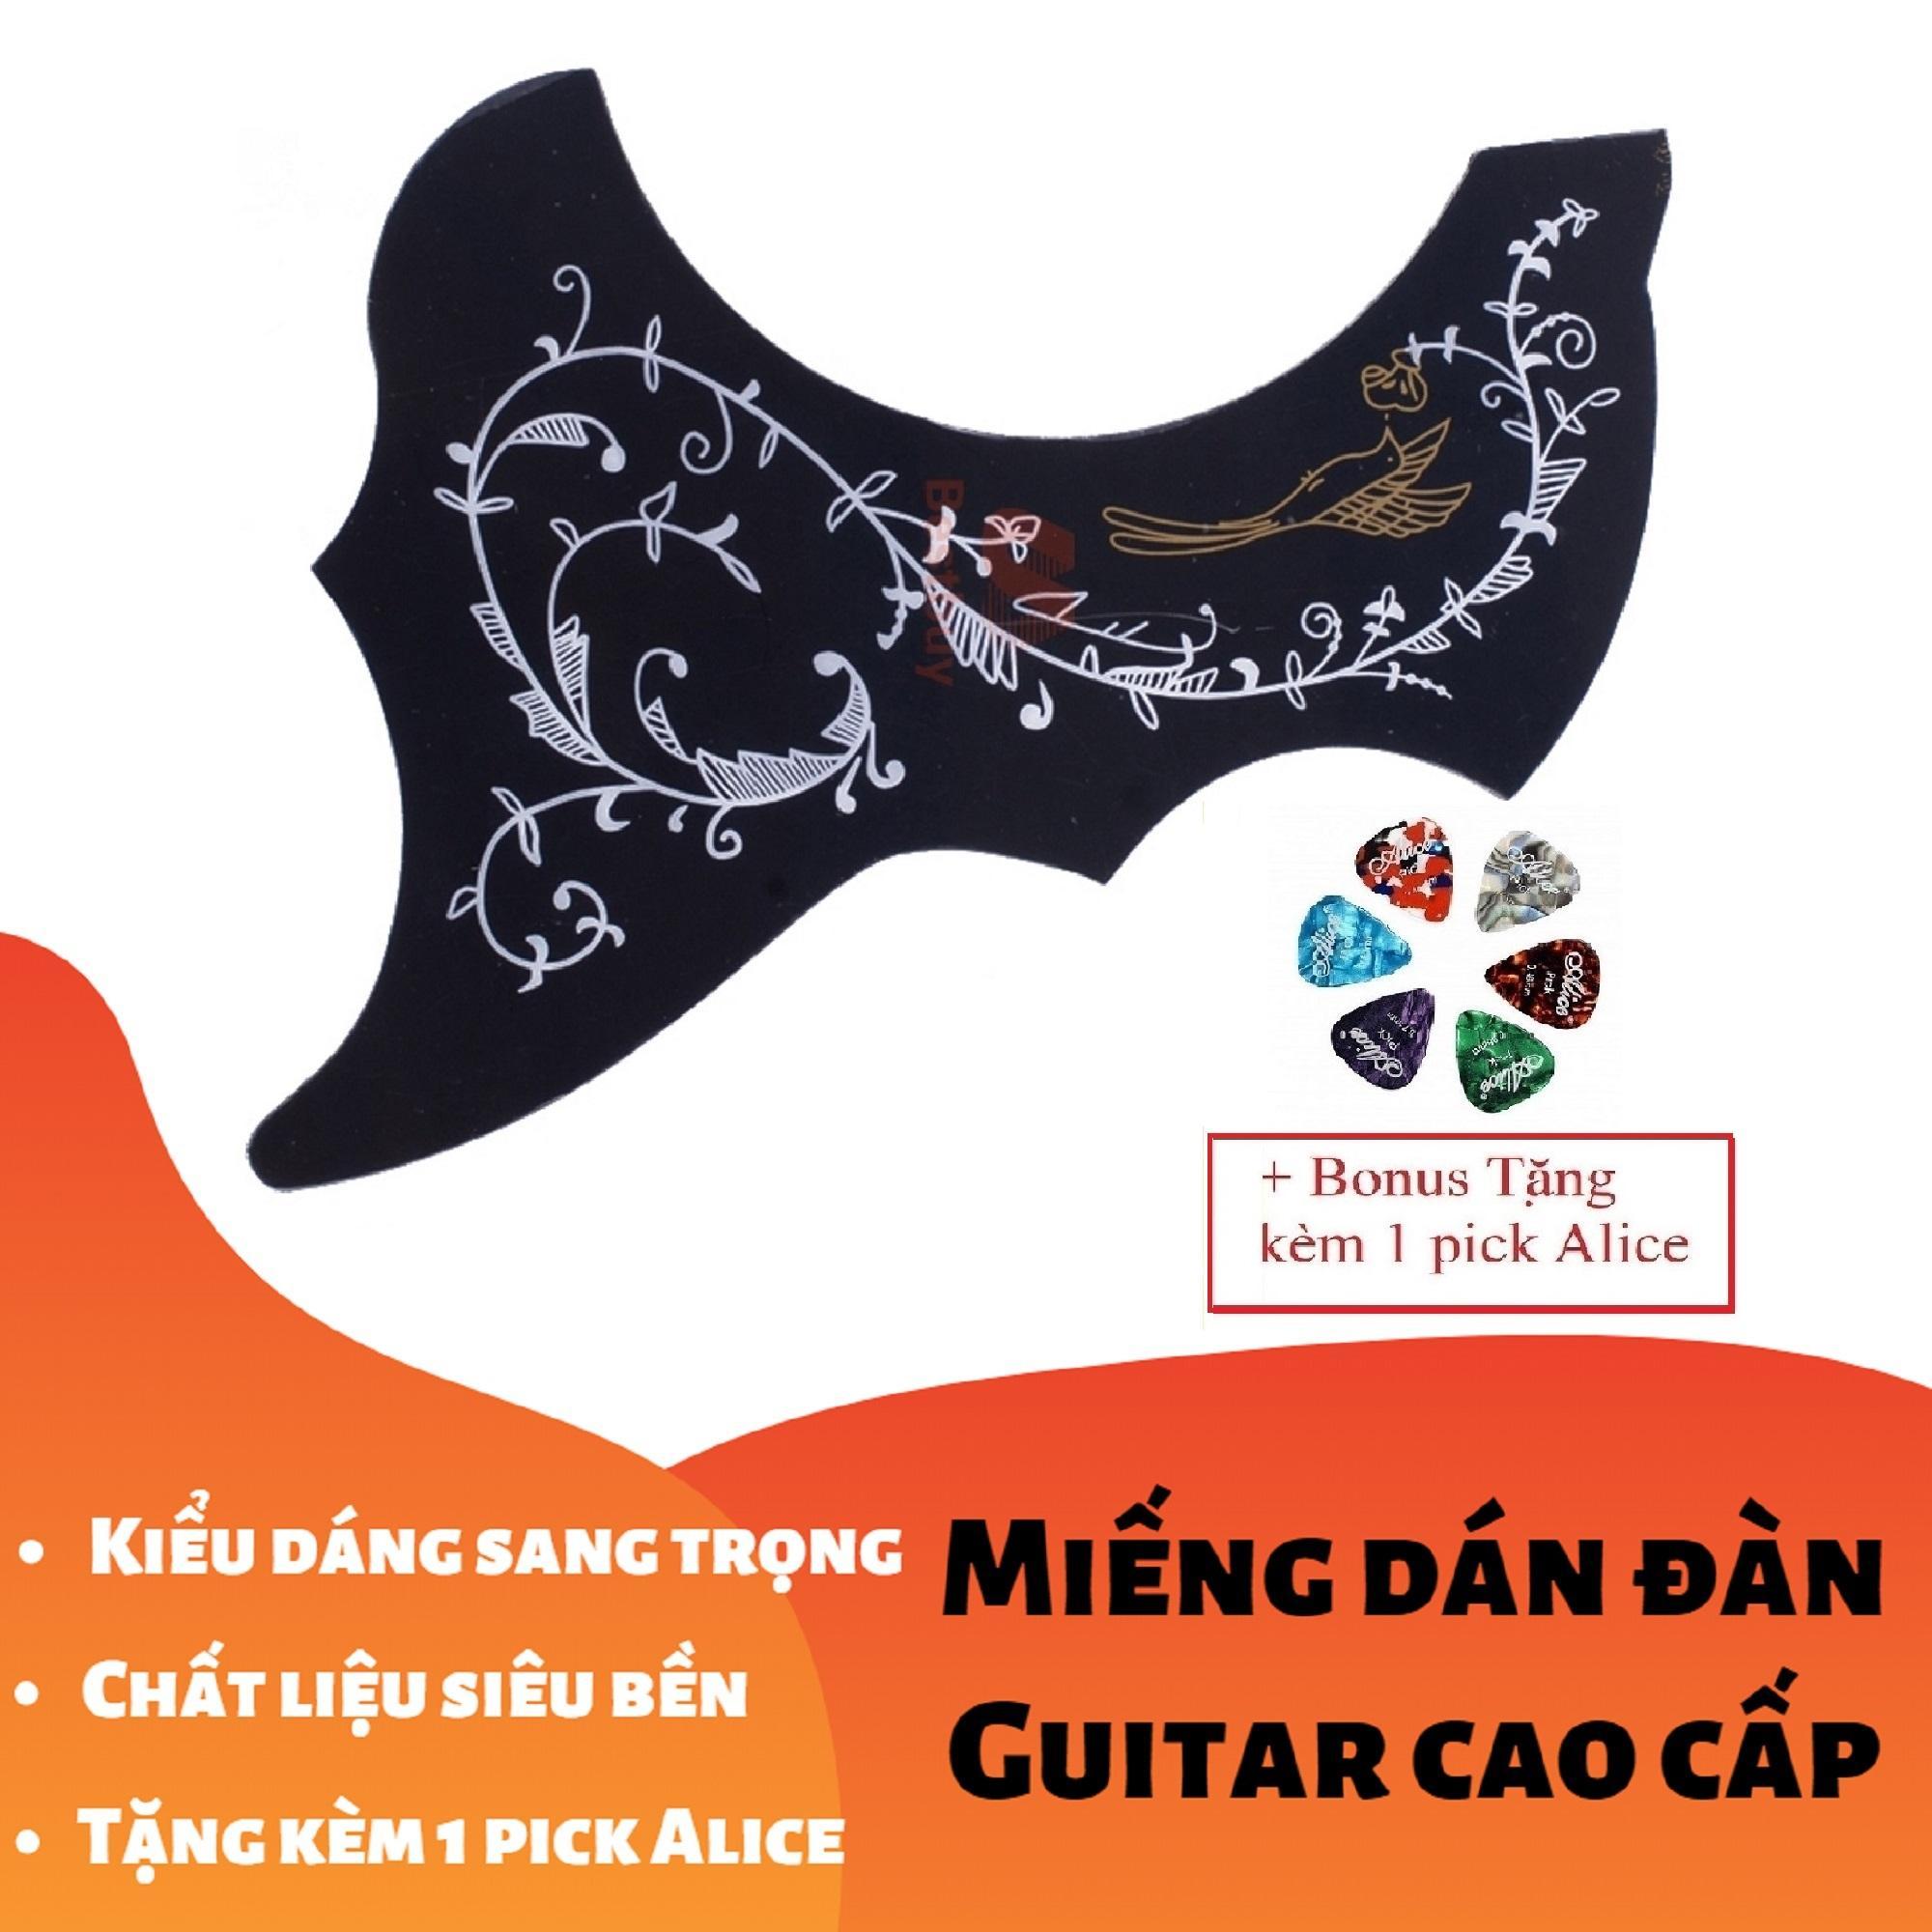 [RẺ GIẬT MÌNH] Miếng Dán Cao Cấp Trang Trí, Bảo Vệ đàn Ghi-ta Hình Nghệ Thuật Họa Tiết Chim (Guitar PickGuard) - Tặng Kèm 1 Pick Alice Đang Giảm Giá